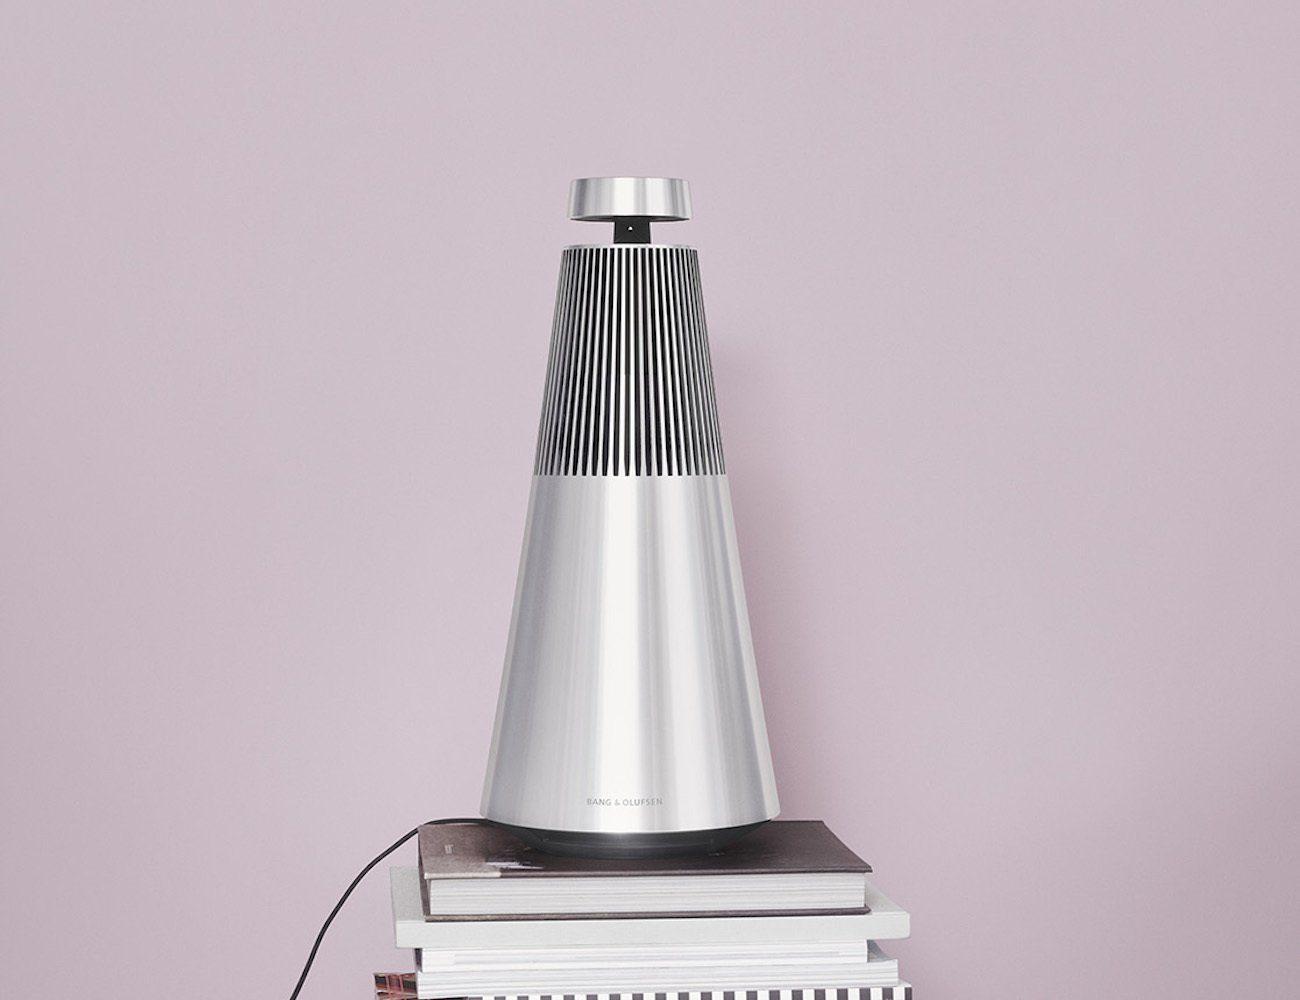 BeoSound new wireless speaker 01